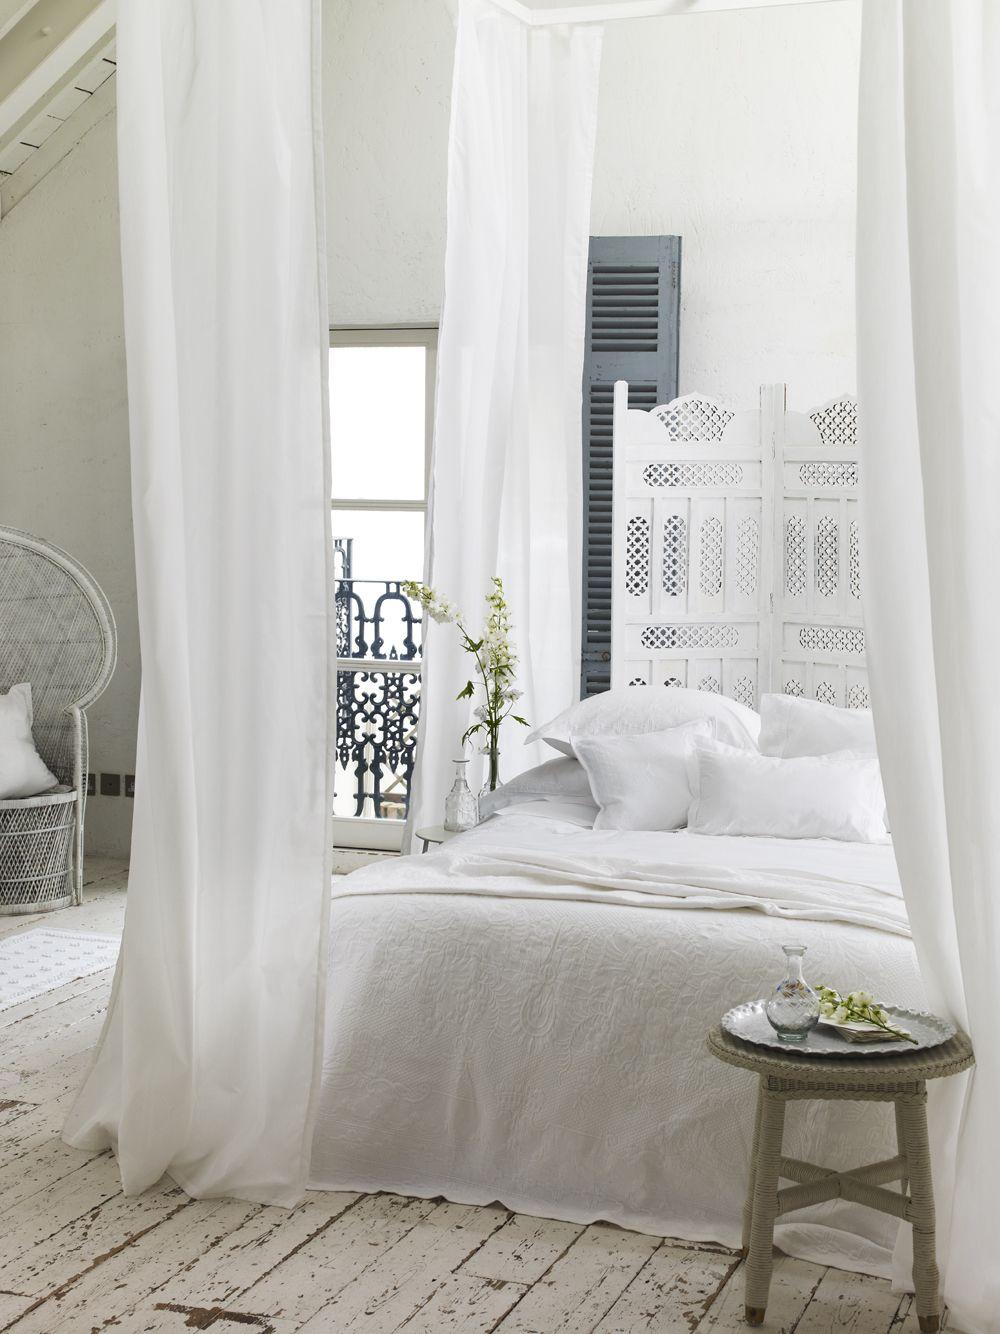 romantisch... - Bedrooms | Pinterest - Slaapkamers, Romantisch en ...